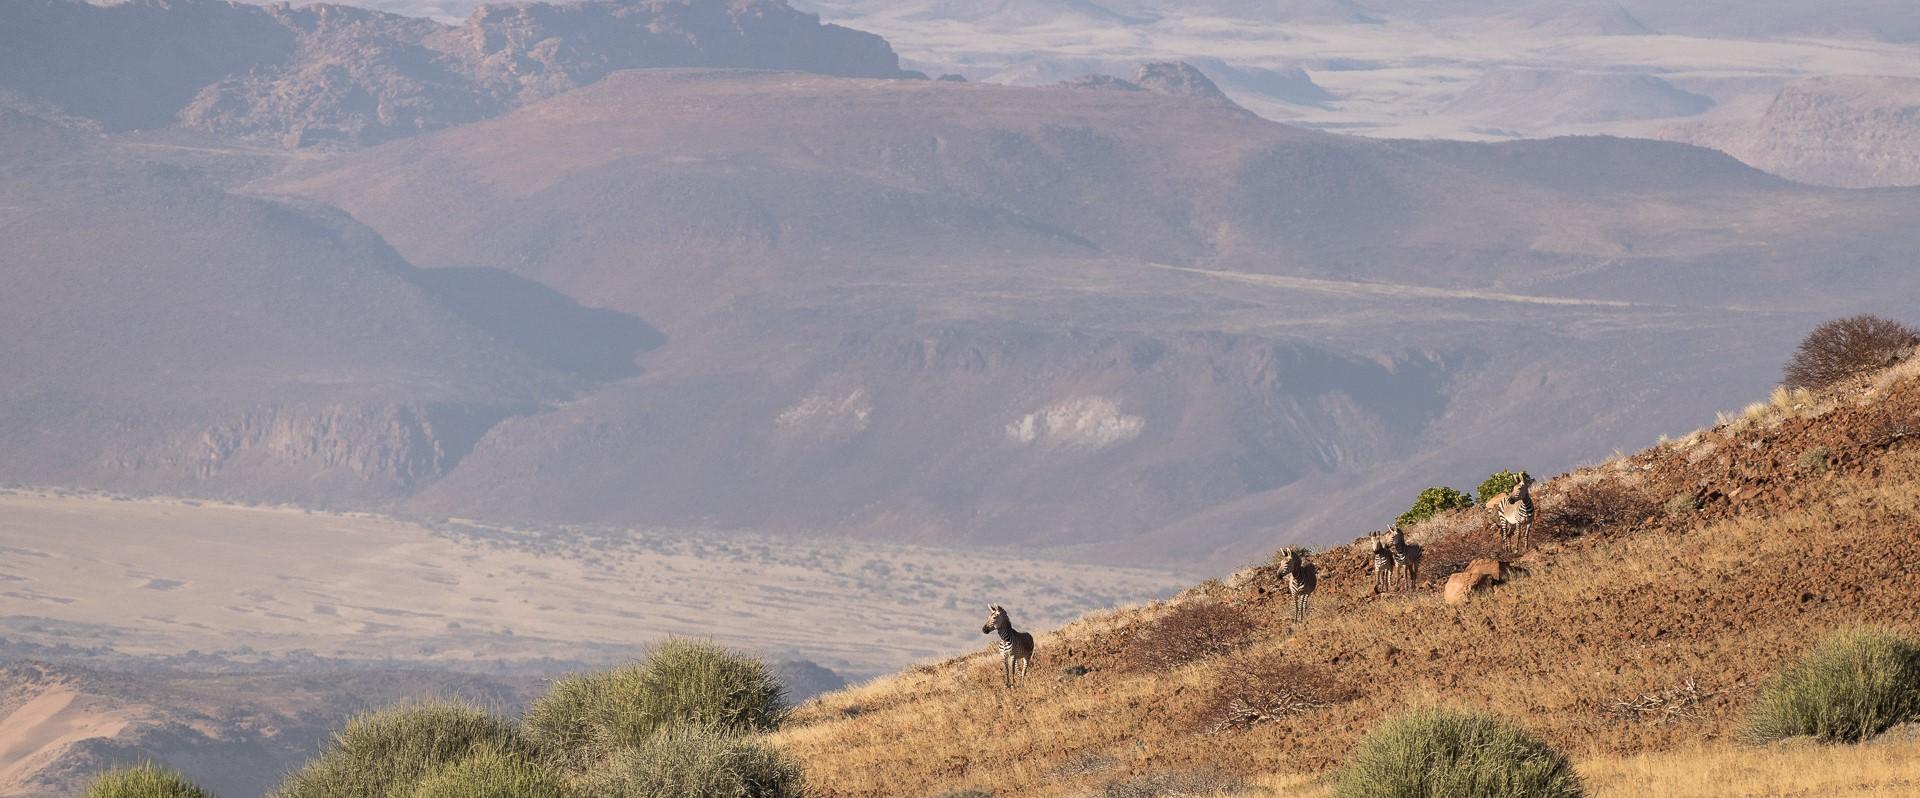 damaraland-namibia-zebra-sighting